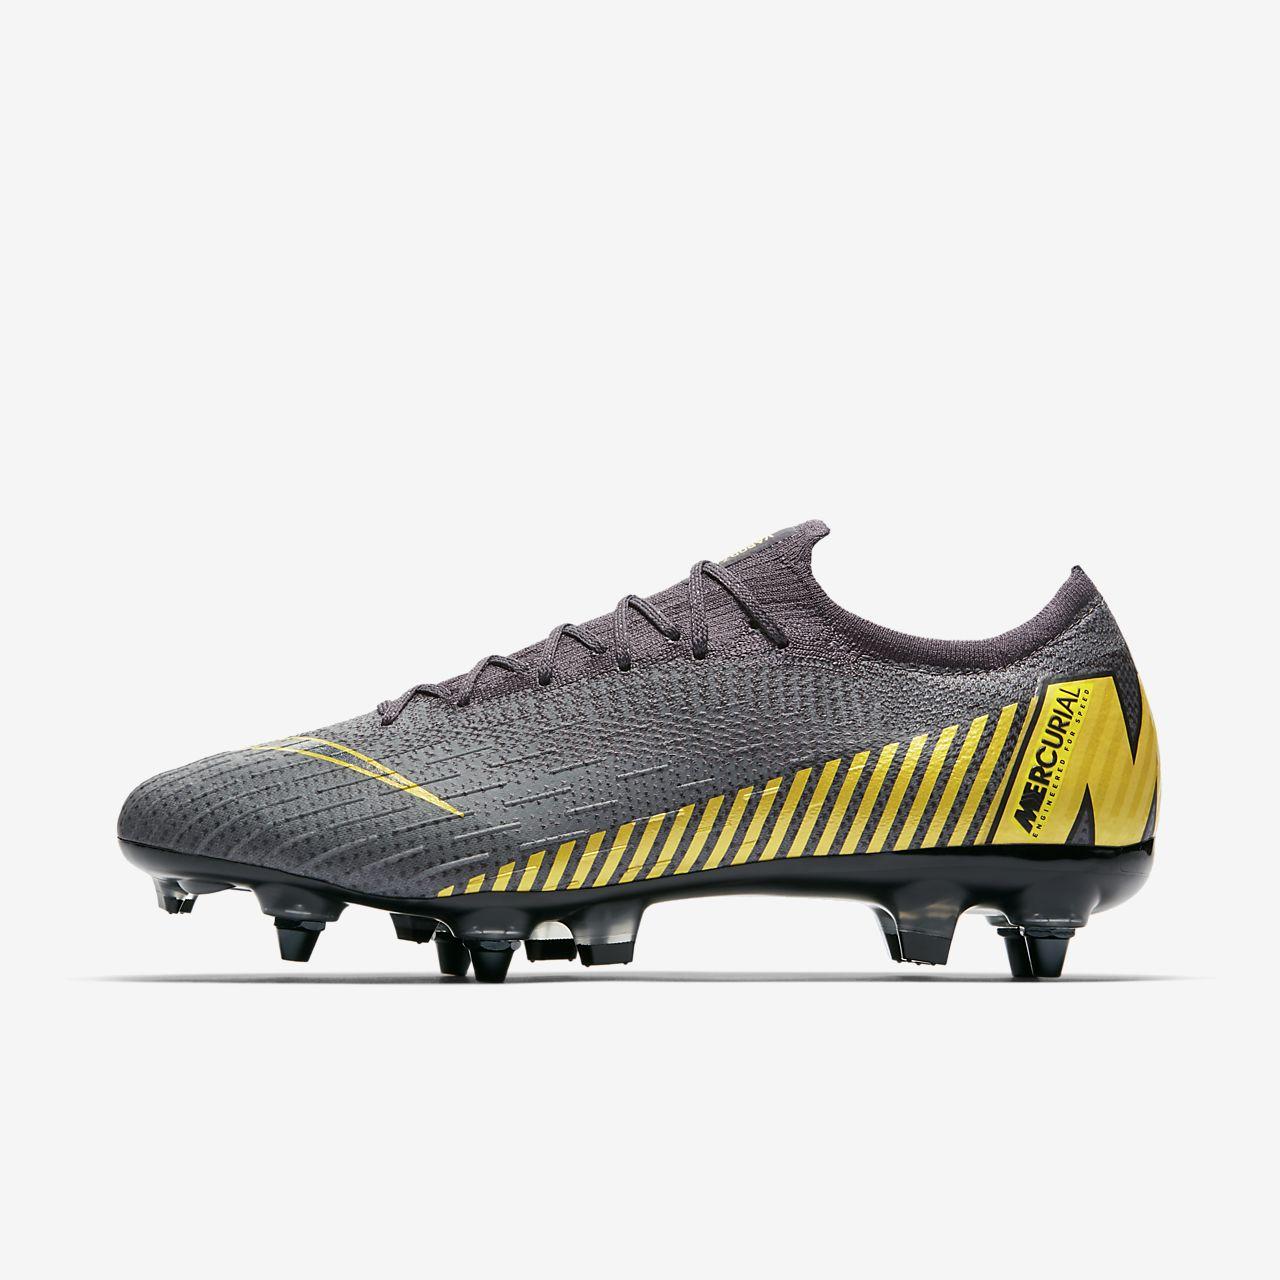 promo code 82025 c03d1 ... Chaussure de football à crampons pour terrain gras Nike Mercurial Vapor  360 Elite SG-PRO